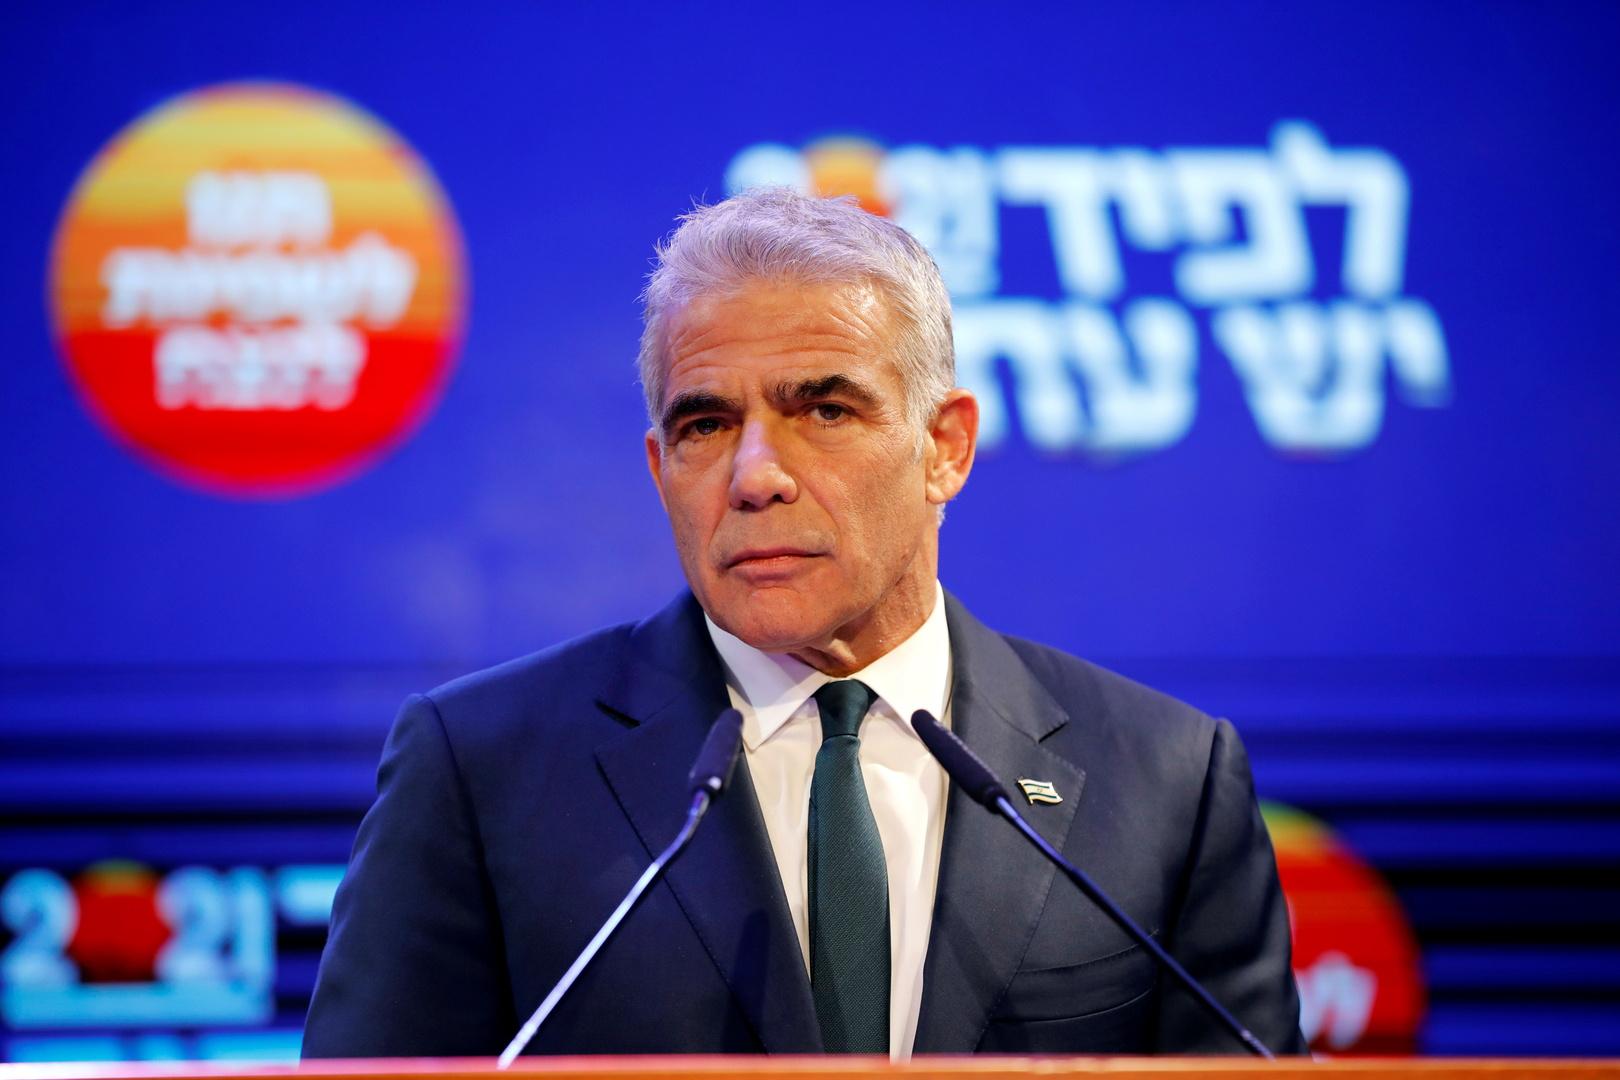 في ظل الغارات الإسرائيلية الجديدة على سوريا.. لابيد يتوجه إلى موسكو